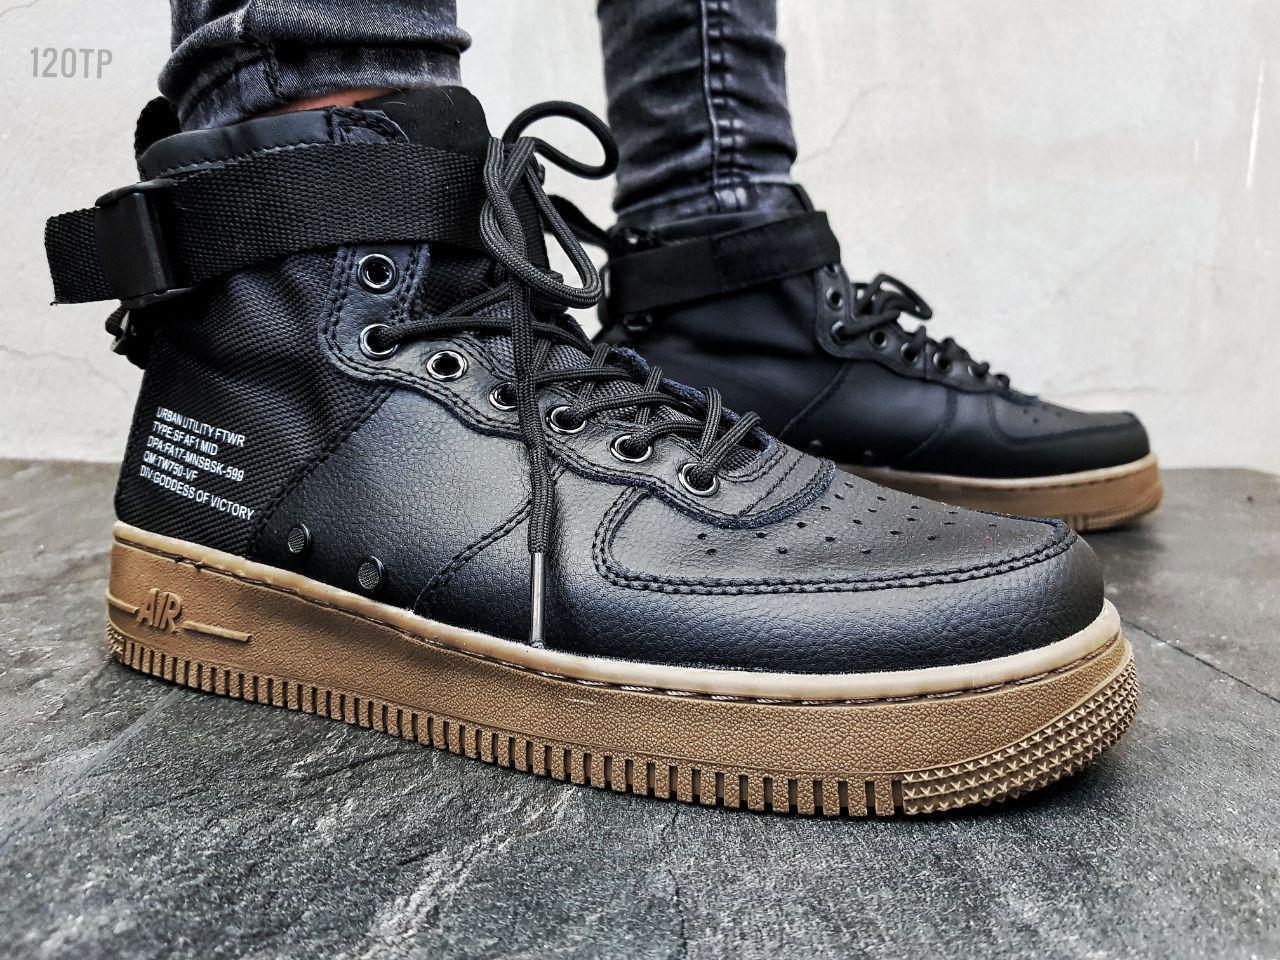 Чоловічі кросівки Nike Air Force Hight Black Gum (р. 43 і 44)